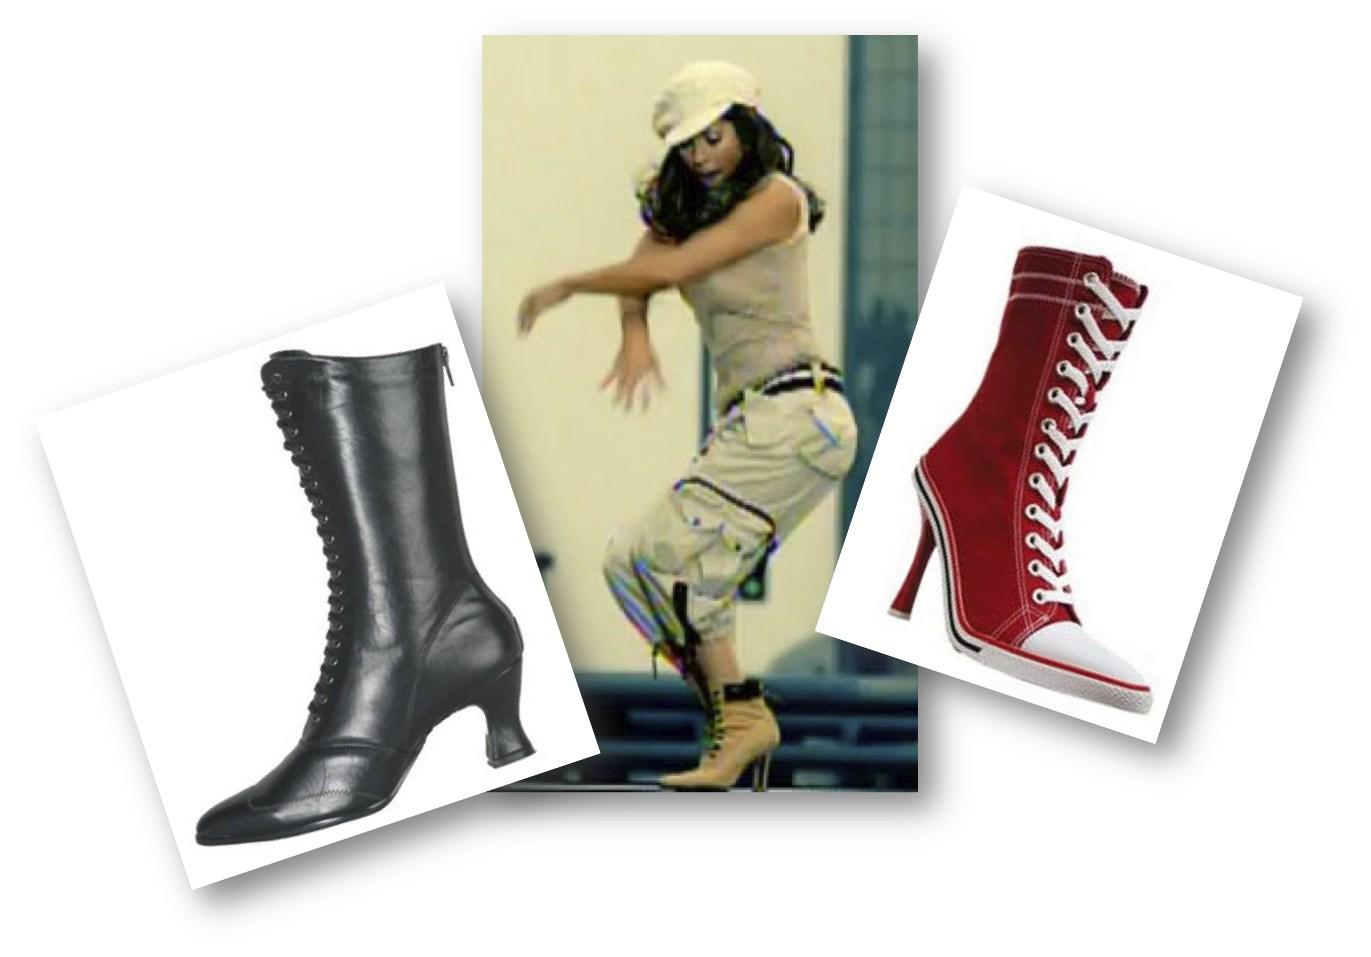 http://1.bp.blogspot.com/-qZYZnAoGkpo/TxSkqNr72tI/AAAAAAAAAU8/GfRzy-xxvVQ/s1600/boots.jpg